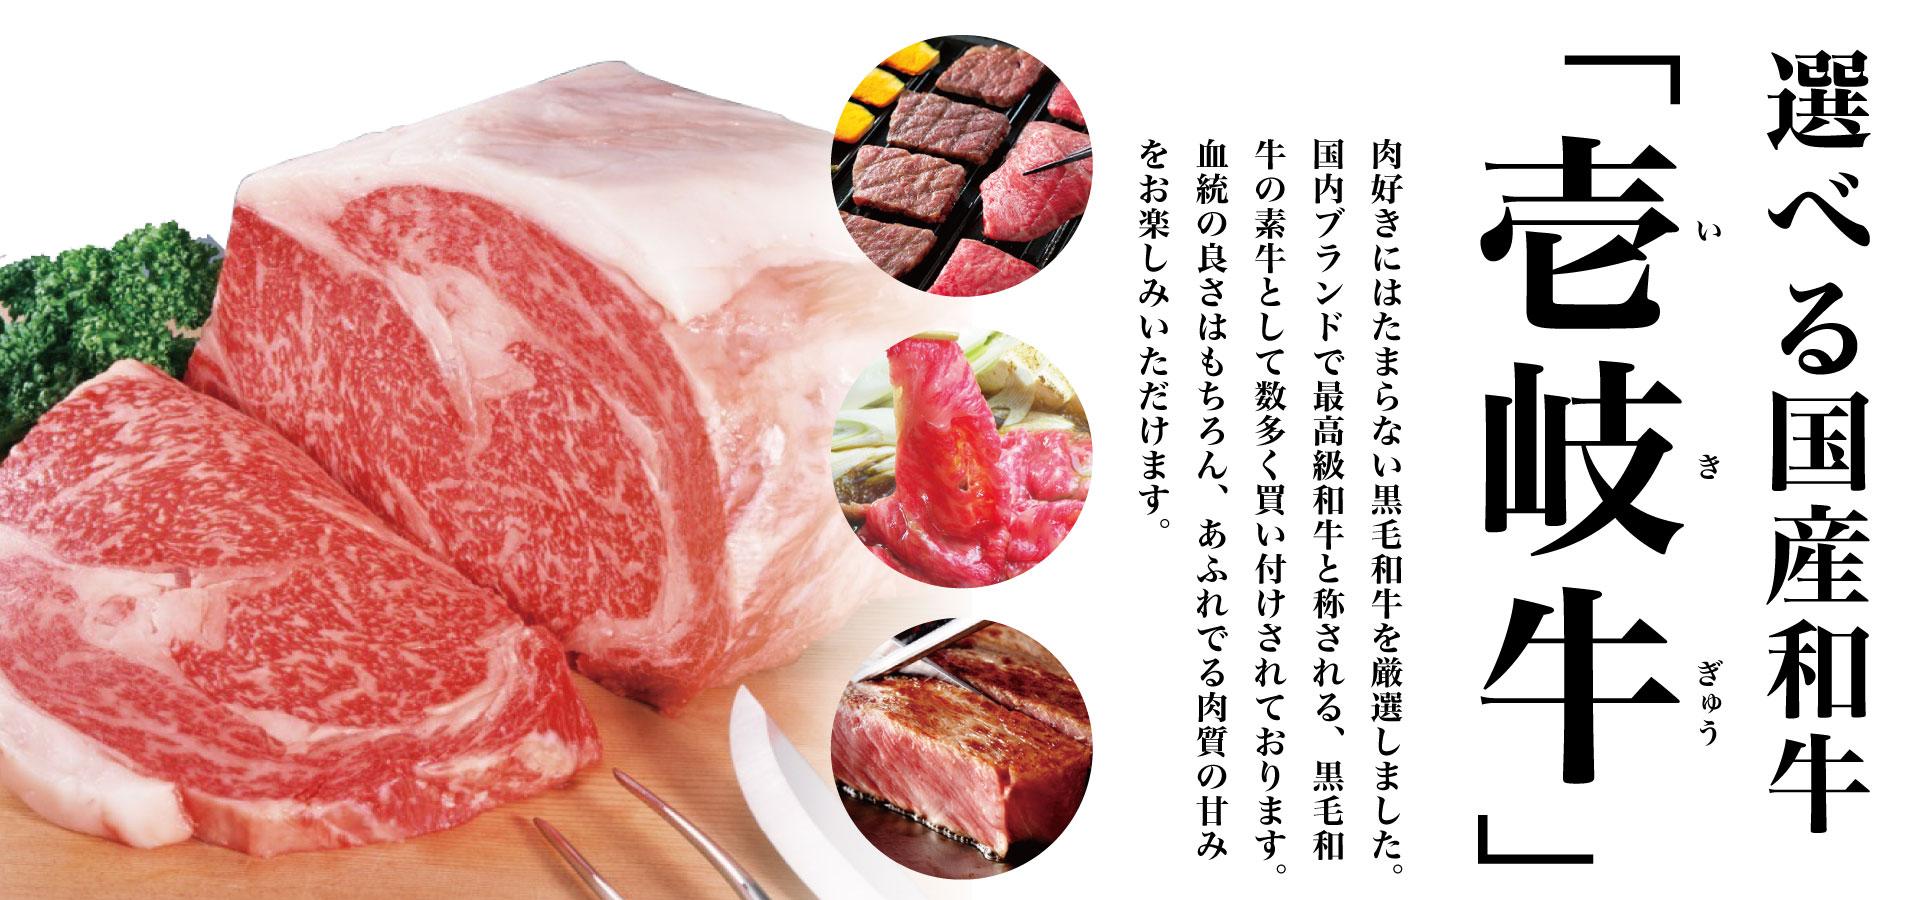 壱岐牛(いきぎゅう)特集